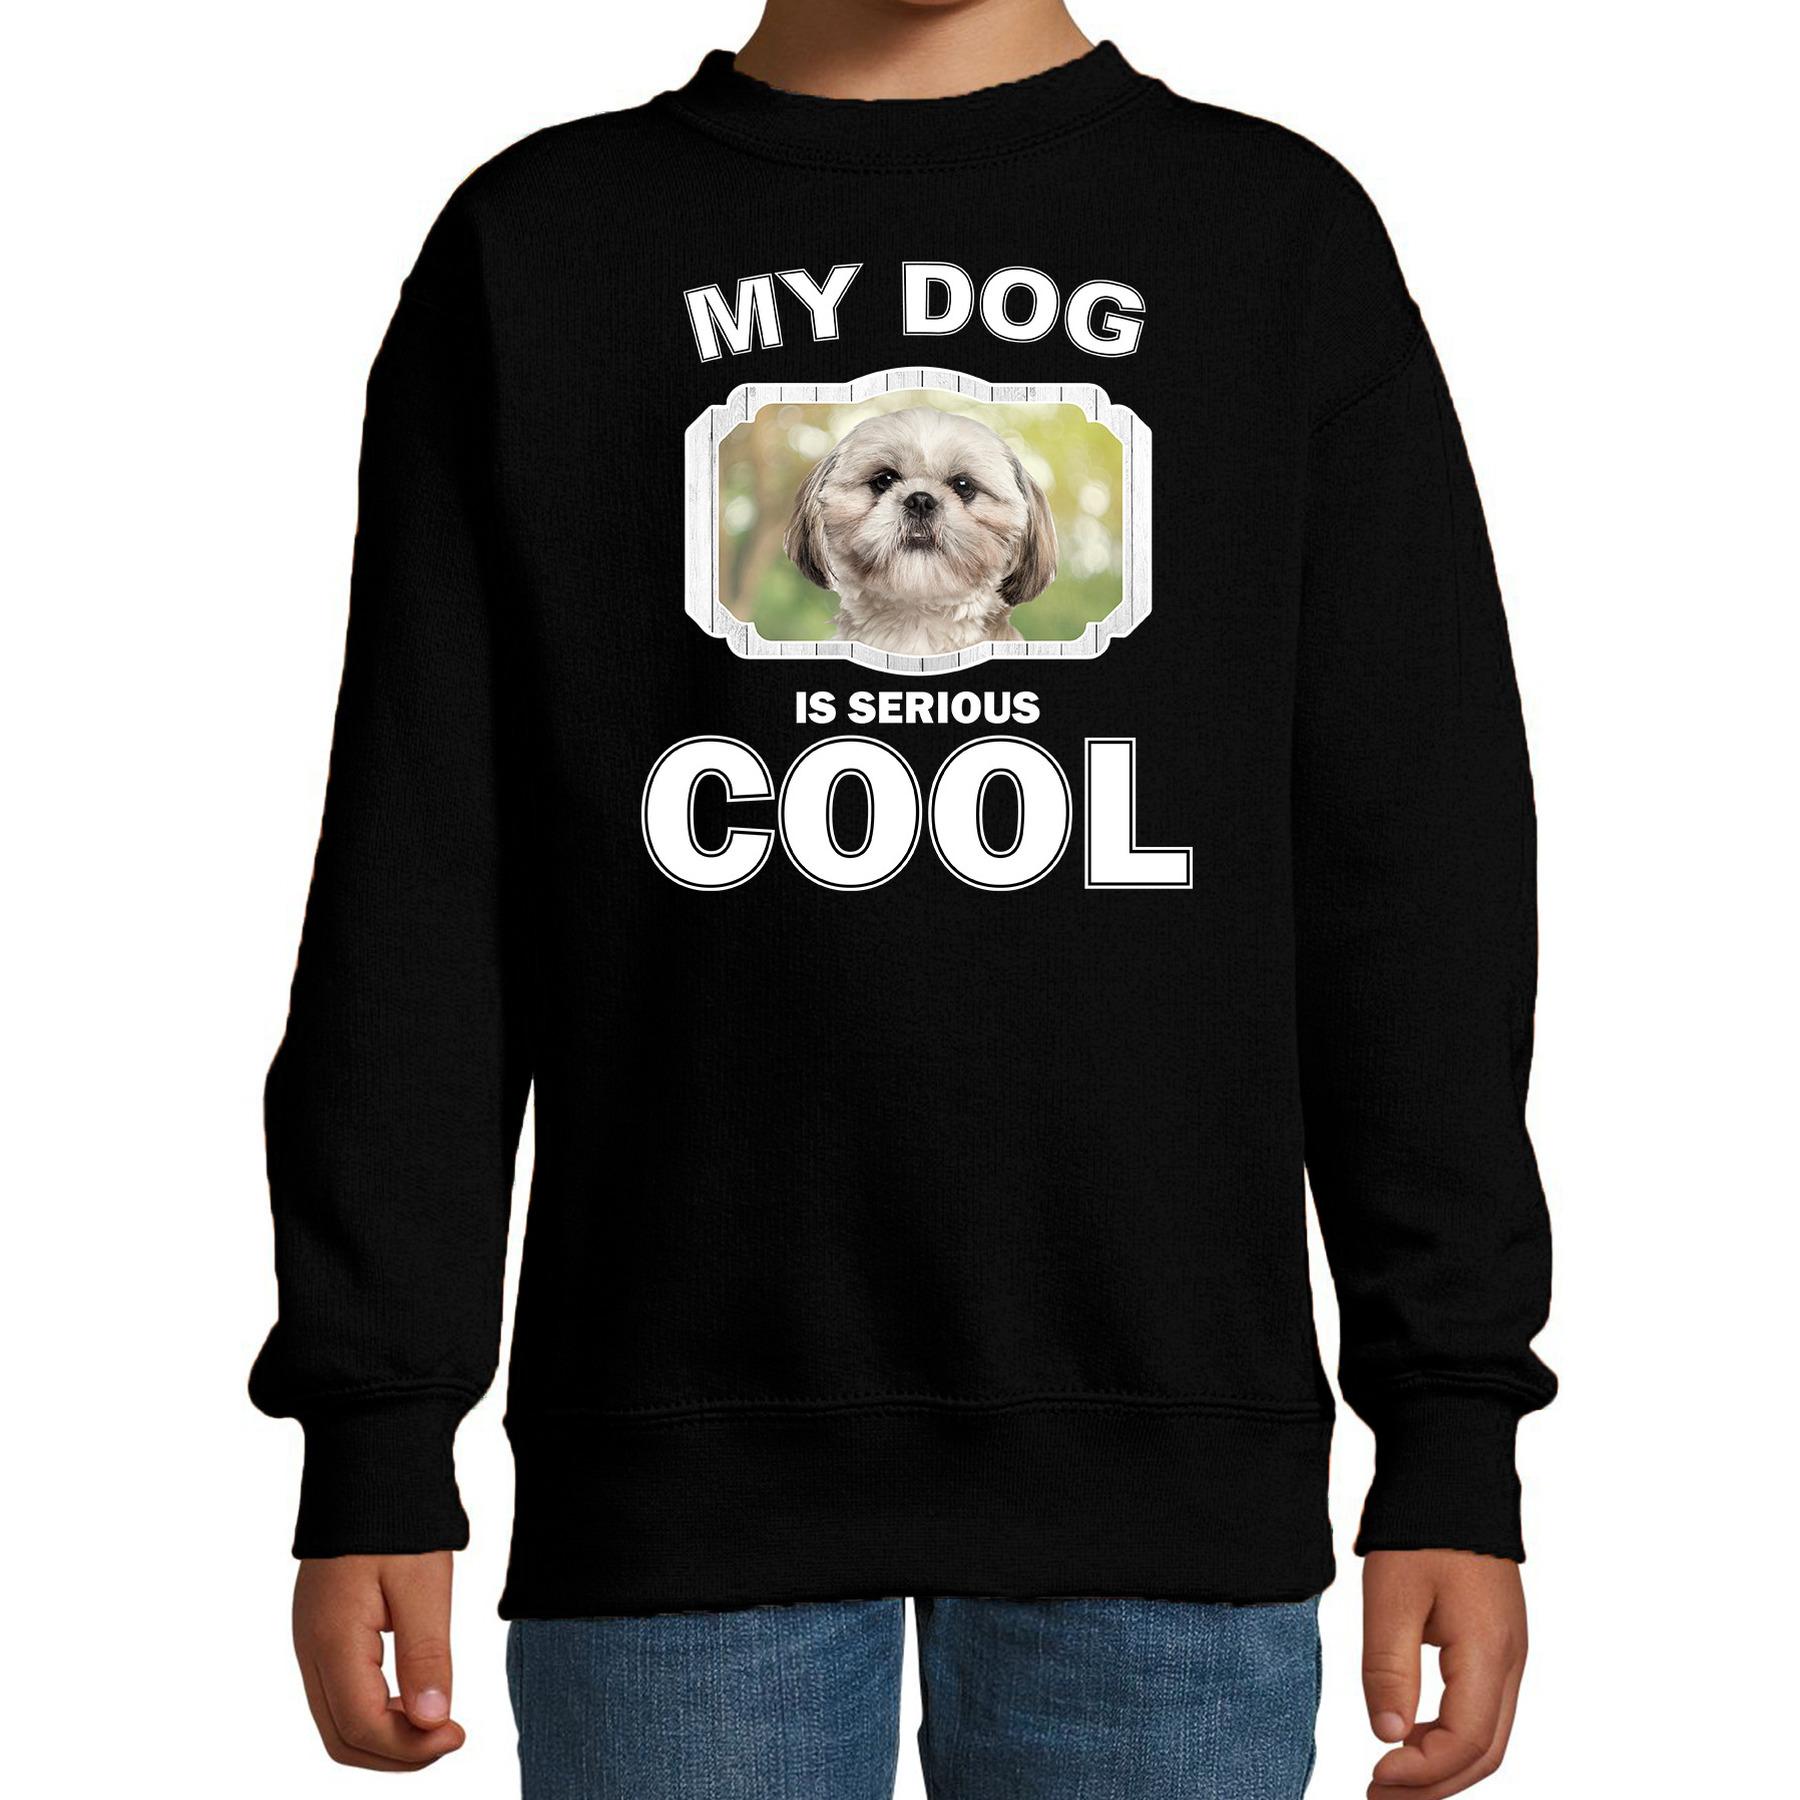 Honden liefhebber trui - sweater Shih tzu my dog is serious cool zwart voor kinderen